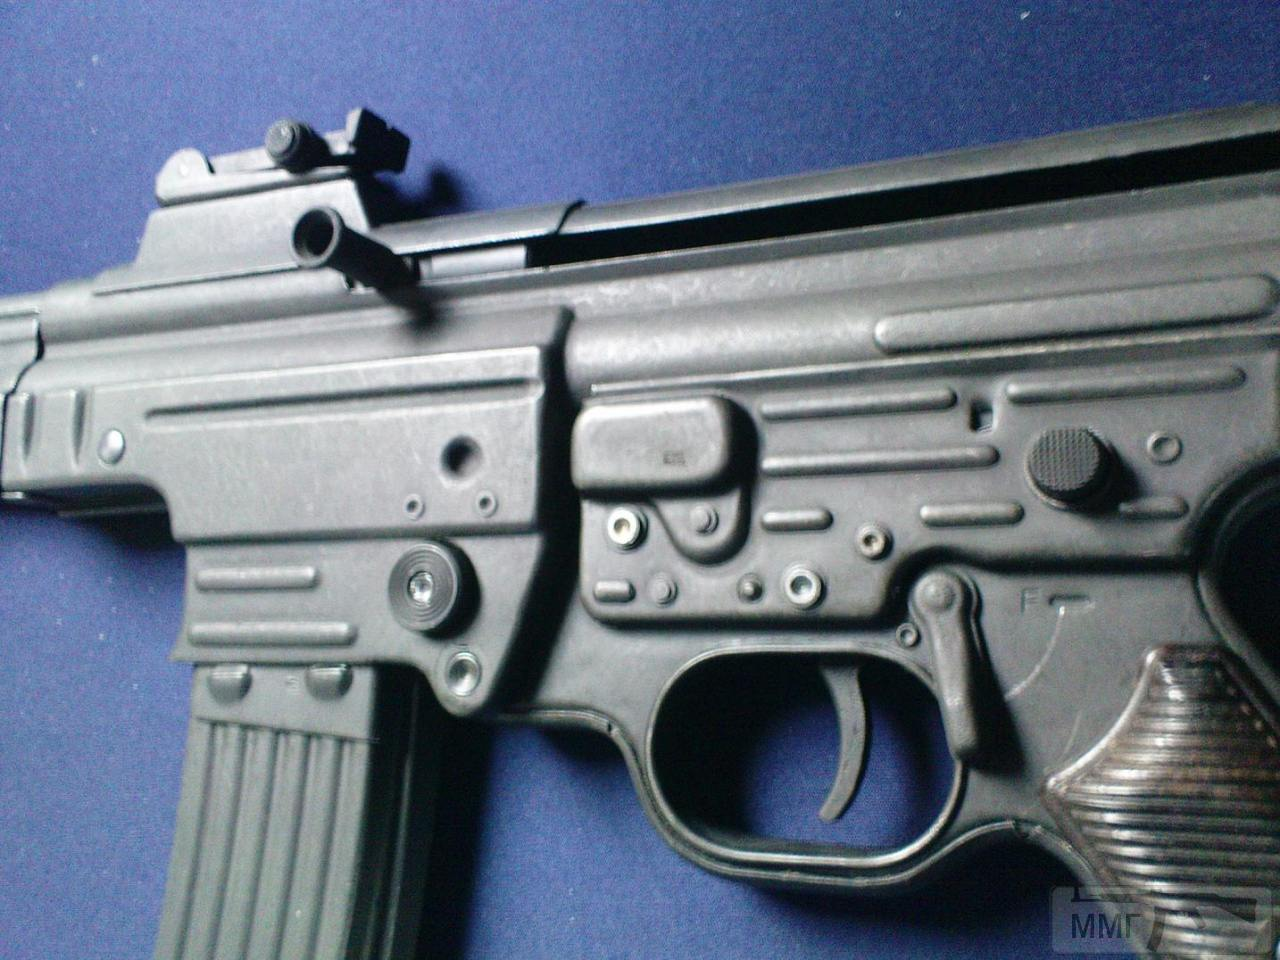 109360 - Sturmgewehr Haenel / Schmeisser MP 43MP 44 Stg.44 - прототипы, конструкция история